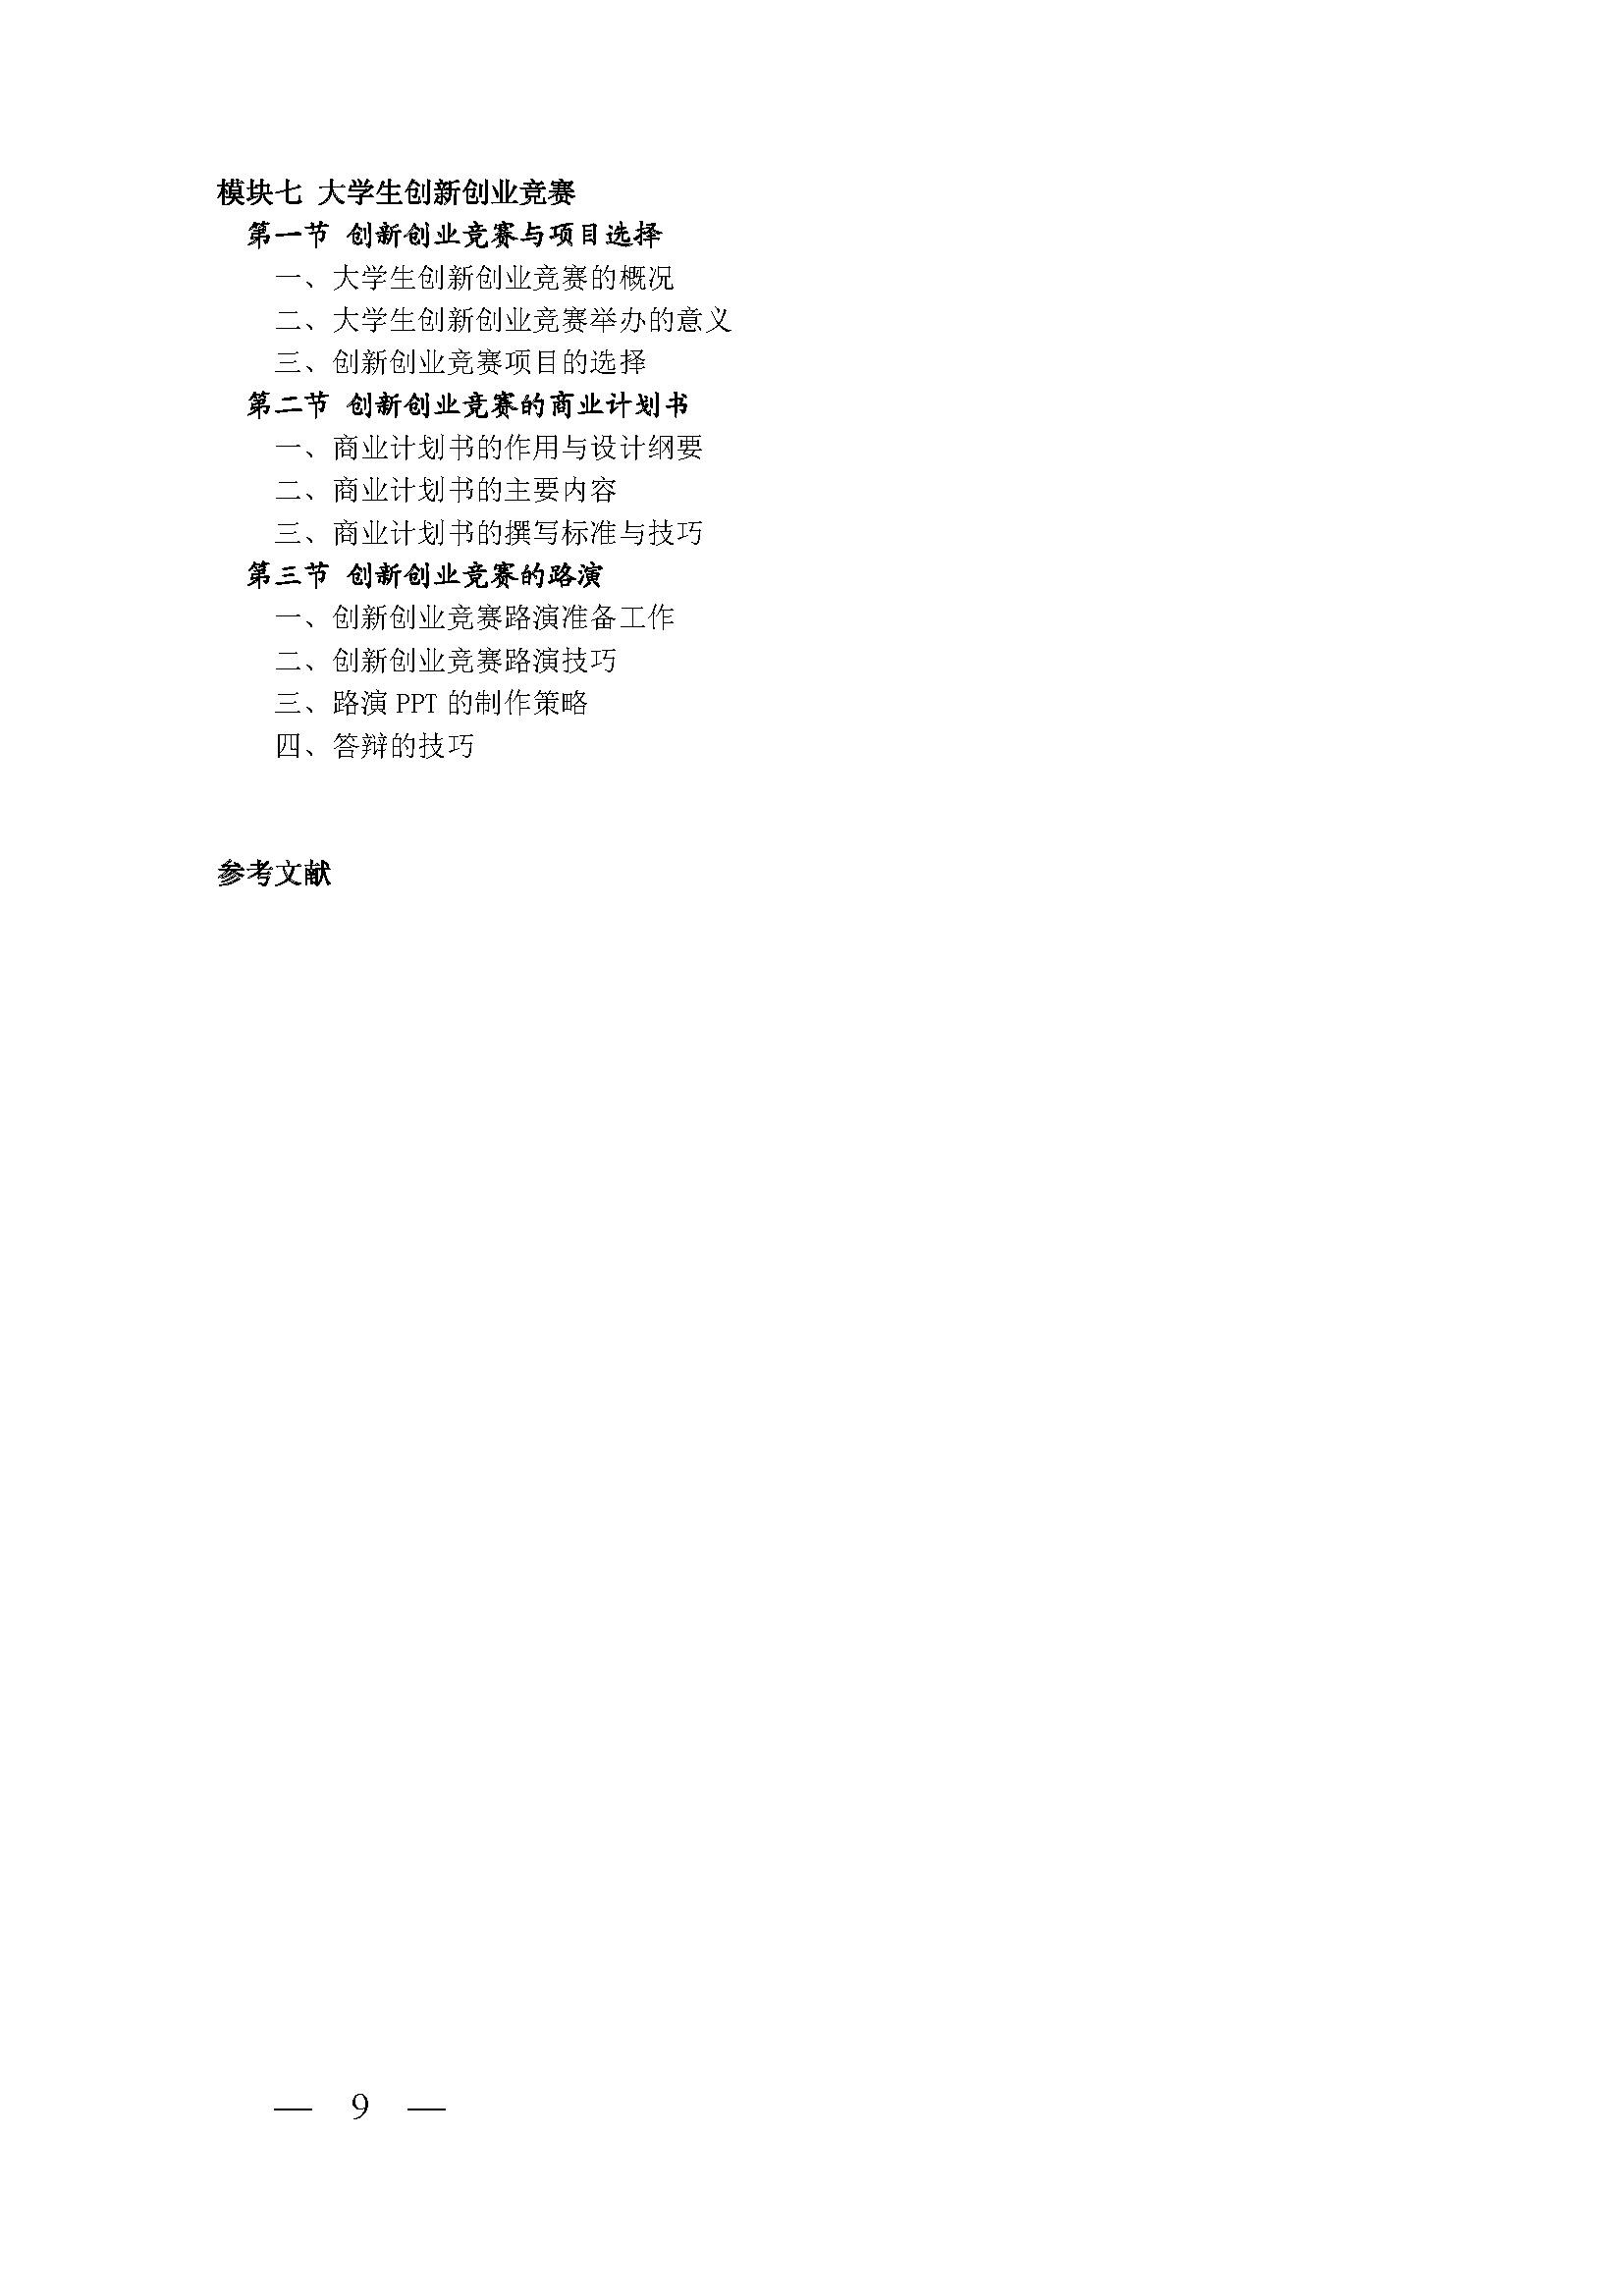 2021~2022创业教材征订通知0609_页面_09.jpg